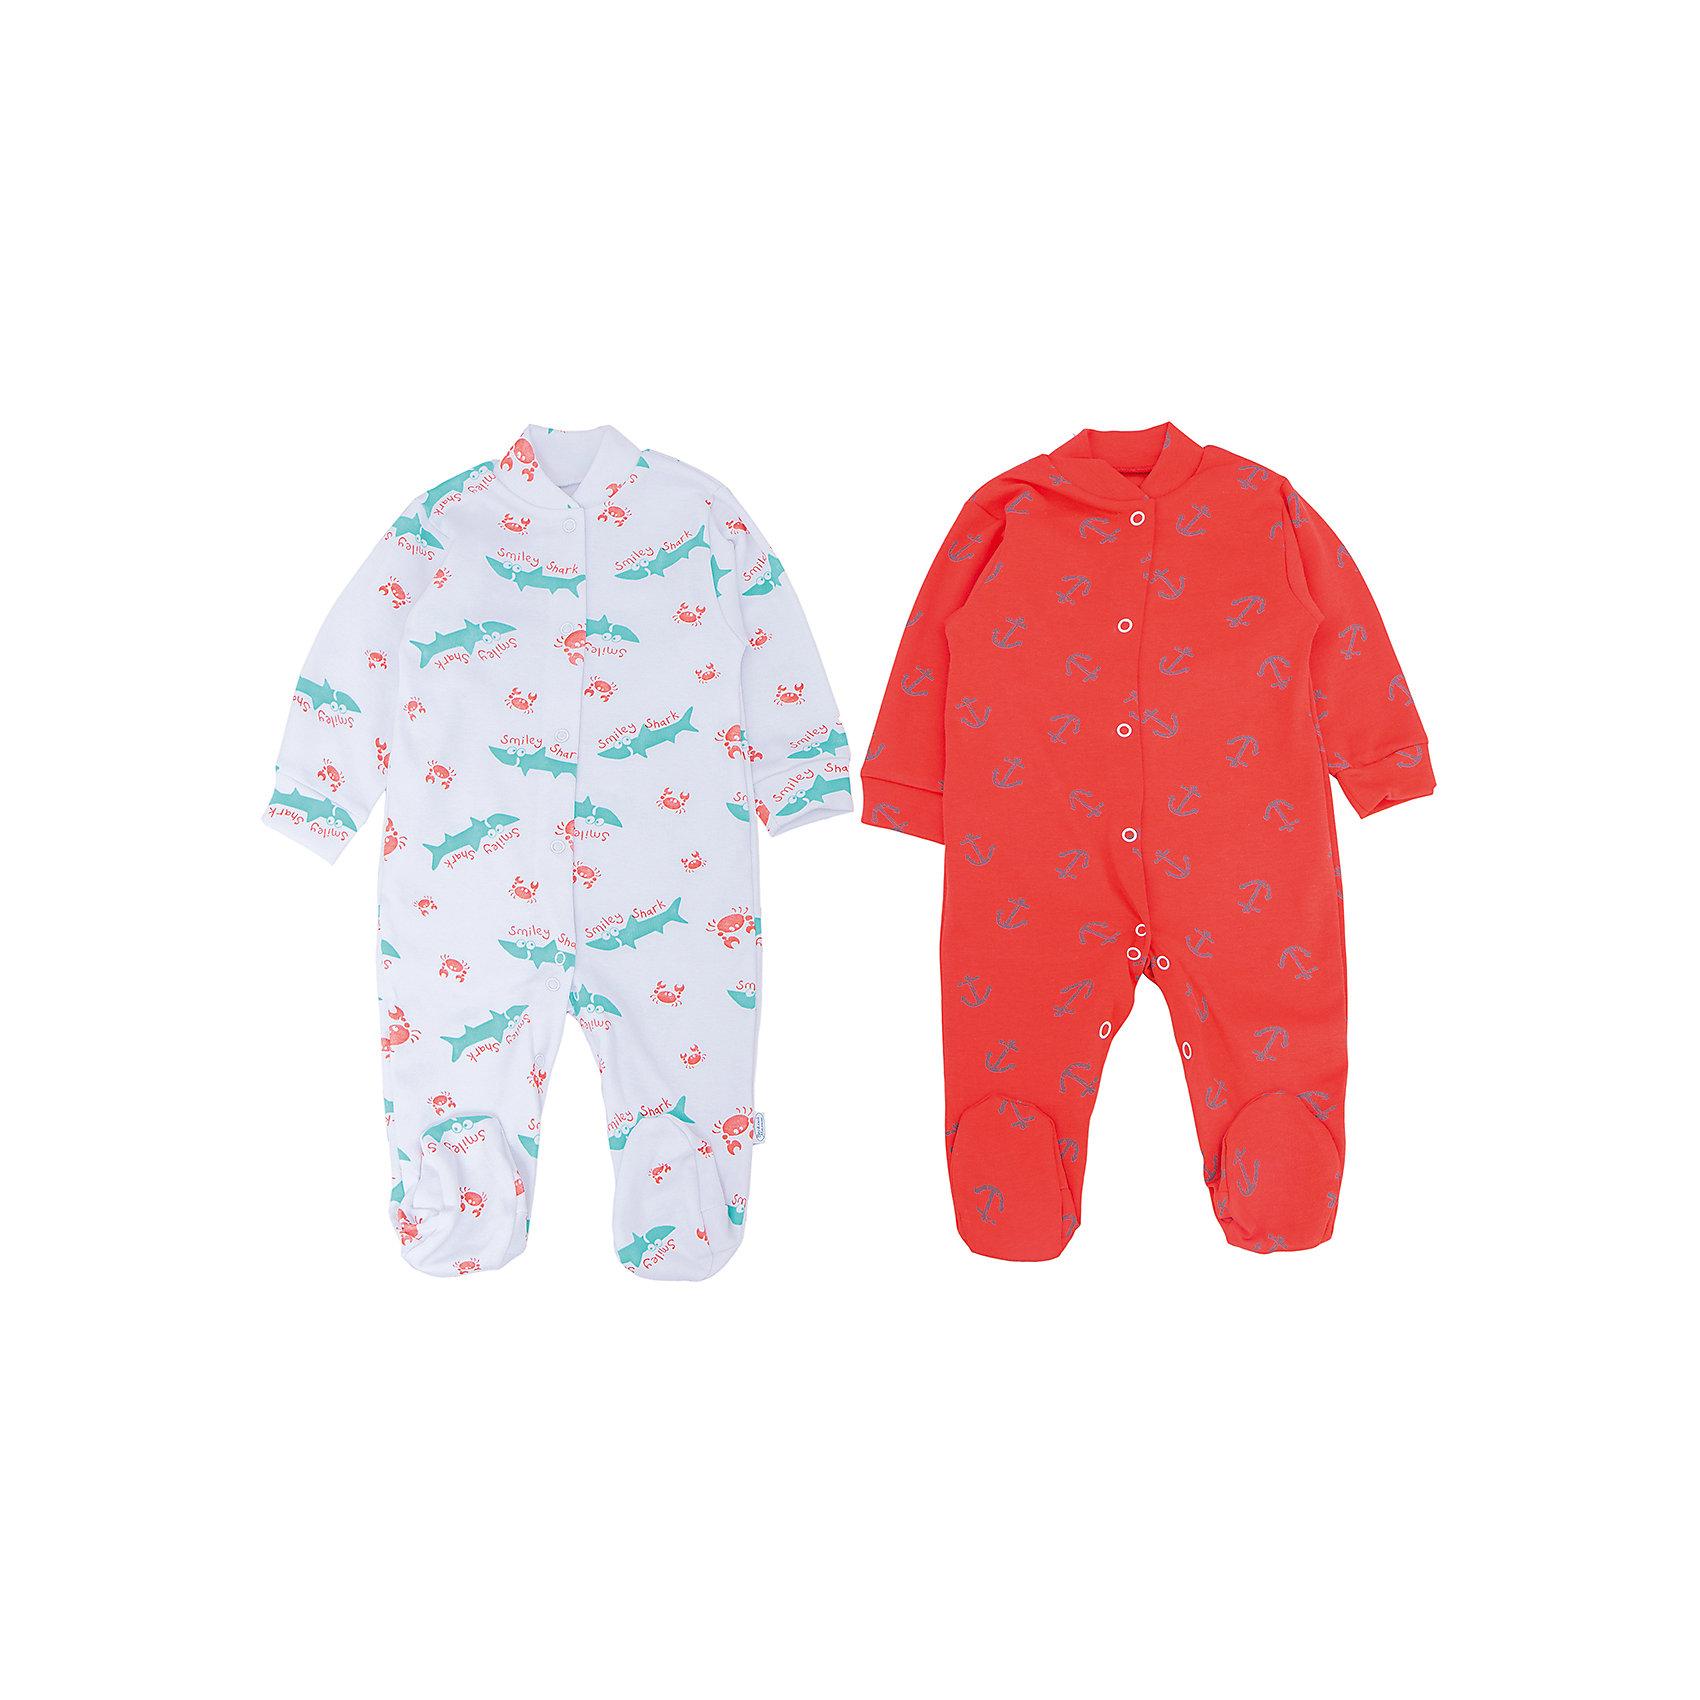 Комбинезон, 2 шт. Веселый малышВ заботе о ребенке важно всё! Одежда для малышей должна быть удобной и качественной - это один из необходимых факторов для правильного развития и хорошего самочувствия ребенка.<br>Эти комбинезоны отличаются высоким качеством швов, продуманным кроем, что позволяет им хорошо фиксироваться на теле малыша, не сползать и не натирать. Застежки - удобные кнопки, которые не мешают ребенку. Материал - интерлок. Это плотная ткань из натурального хлопка, гладкая, приятная на ощупь, дышащая и гипоаллергенная. Расцветка изделий позволяет легко комбинировать их с различной одеждой. В наборе - два комбинезона разных цветов.<br><br>Дополнительная информация:<br><br>материал: 100% хлопок интерлок;<br>застежки: кнопки;<br>длинный рукав;<br>комплектация: 2 комбинезона.<br><br>Комплект комбинезонов от бренда Веселый малыш можно купить в нашем магазине.<br><br>Ширина мм: 157<br>Глубина мм: 13<br>Высота мм: 119<br>Вес г: 200<br>Цвет: оранжевый<br>Возраст от месяцев: 6<br>Возраст до месяцев: 9<br>Пол: Унисекс<br>Возраст: Детский<br>Размер: 74,56,80,68,62<br>SKU: 4810268